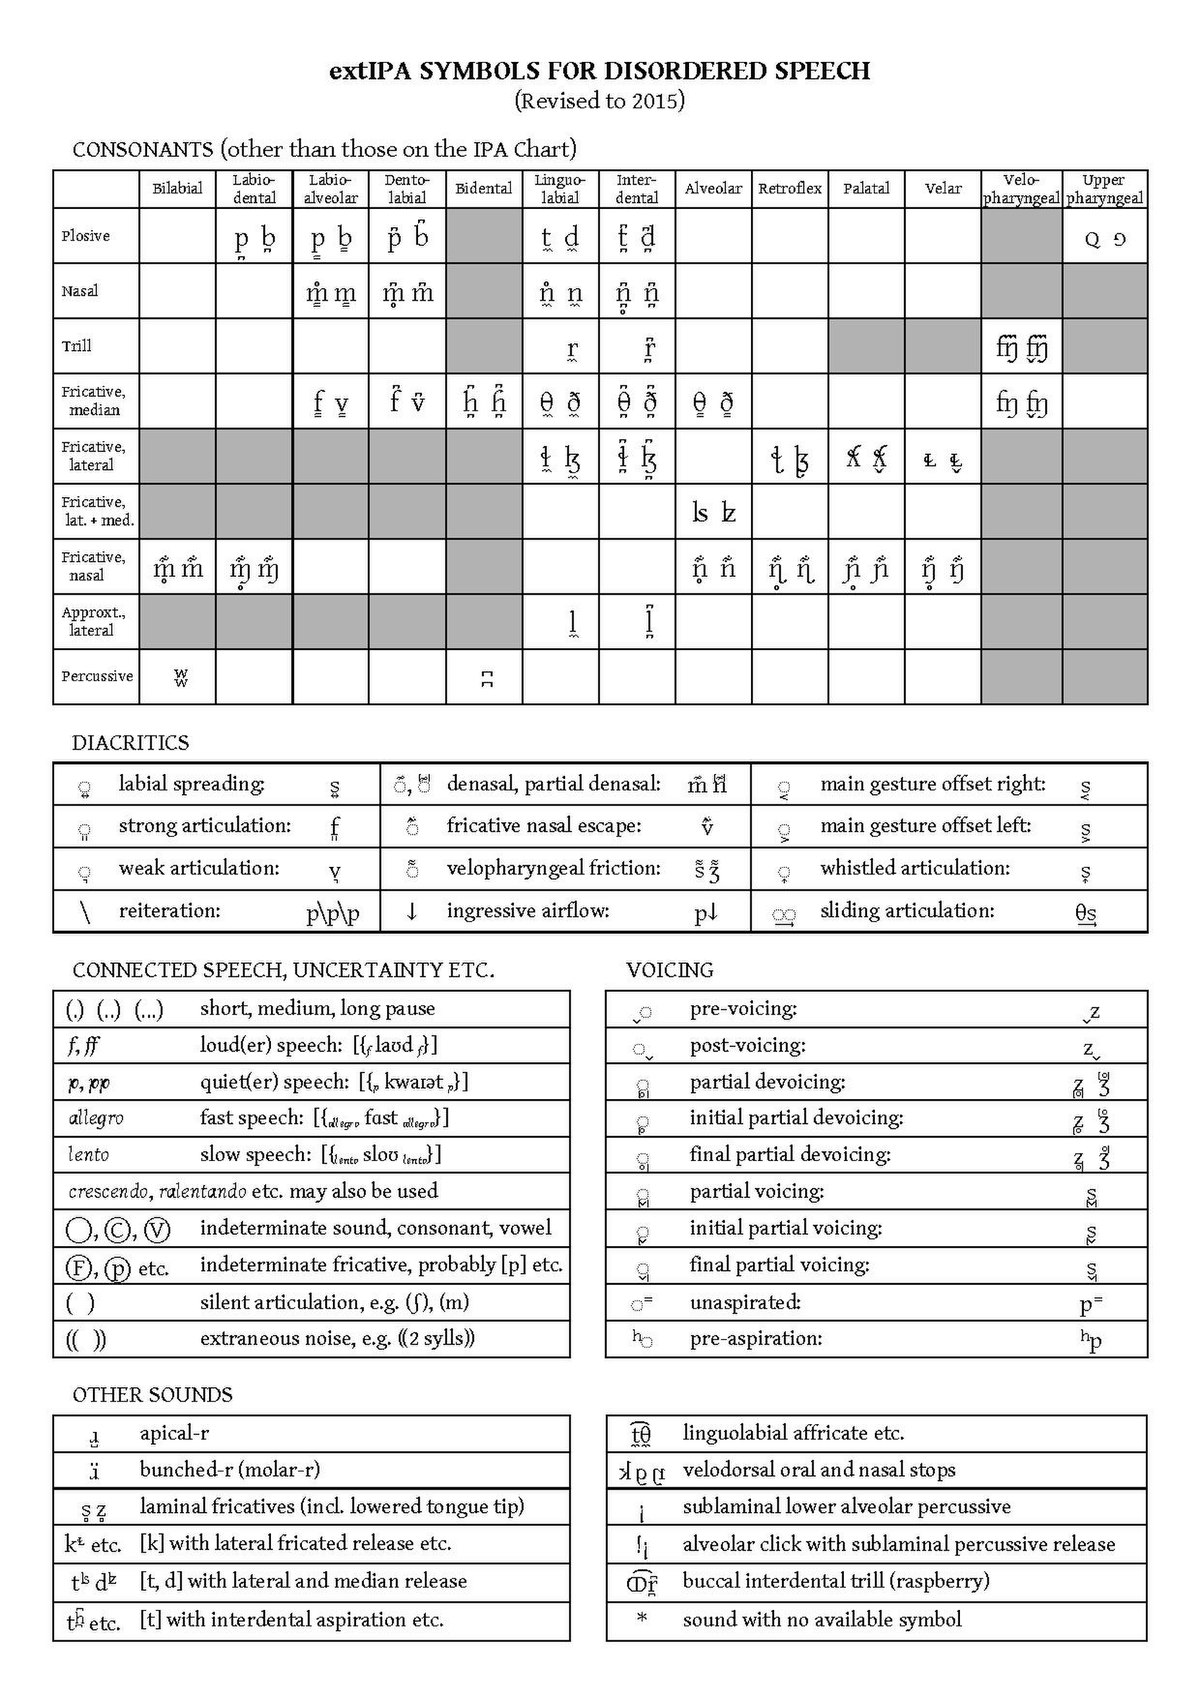 File Extipa Chart